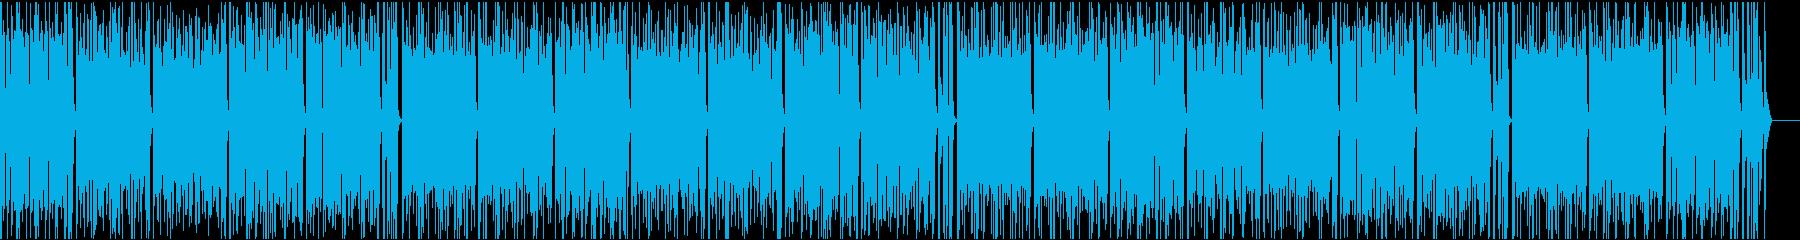 おしゃれイケイケ/カラオケ/イントロ9秒の再生済みの波形